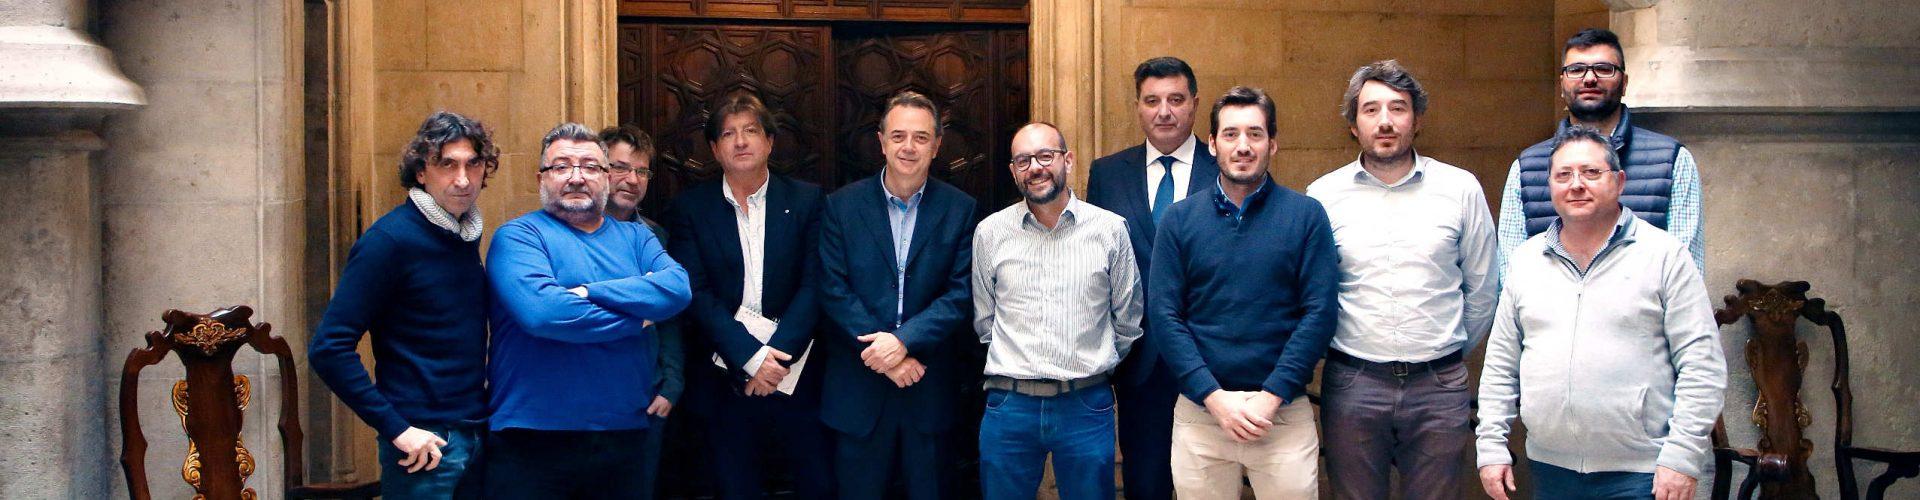 Infornord TV se integra en la nova associació Espai Audiovisual de Proximitat (ESAP)